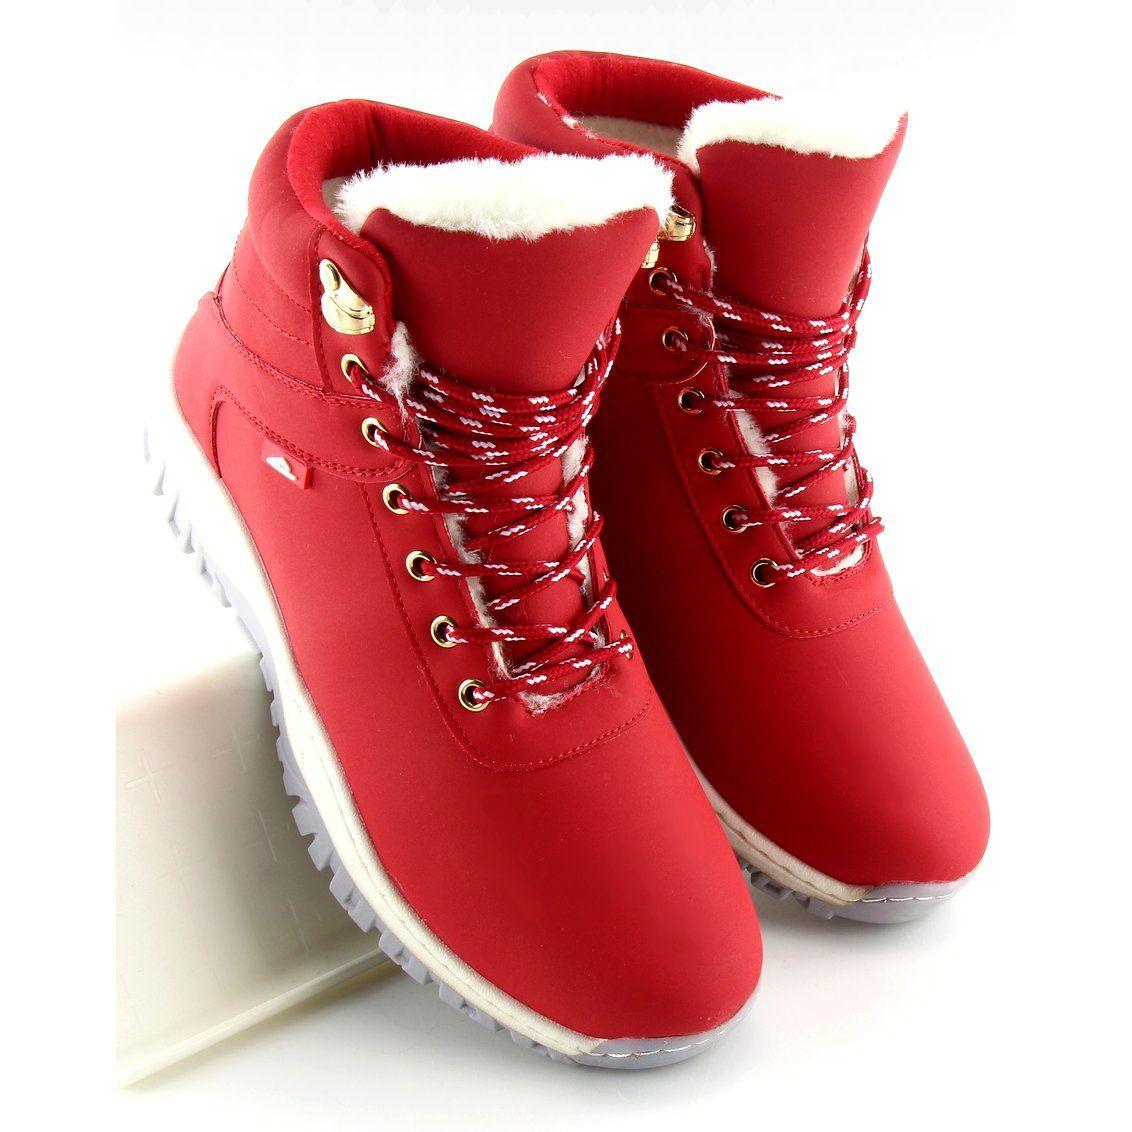 Botki Damskie Butymodne Buty Trekingowe Damskie Czerwone B1718 6 Boots Snow Boots Thigh High Boots